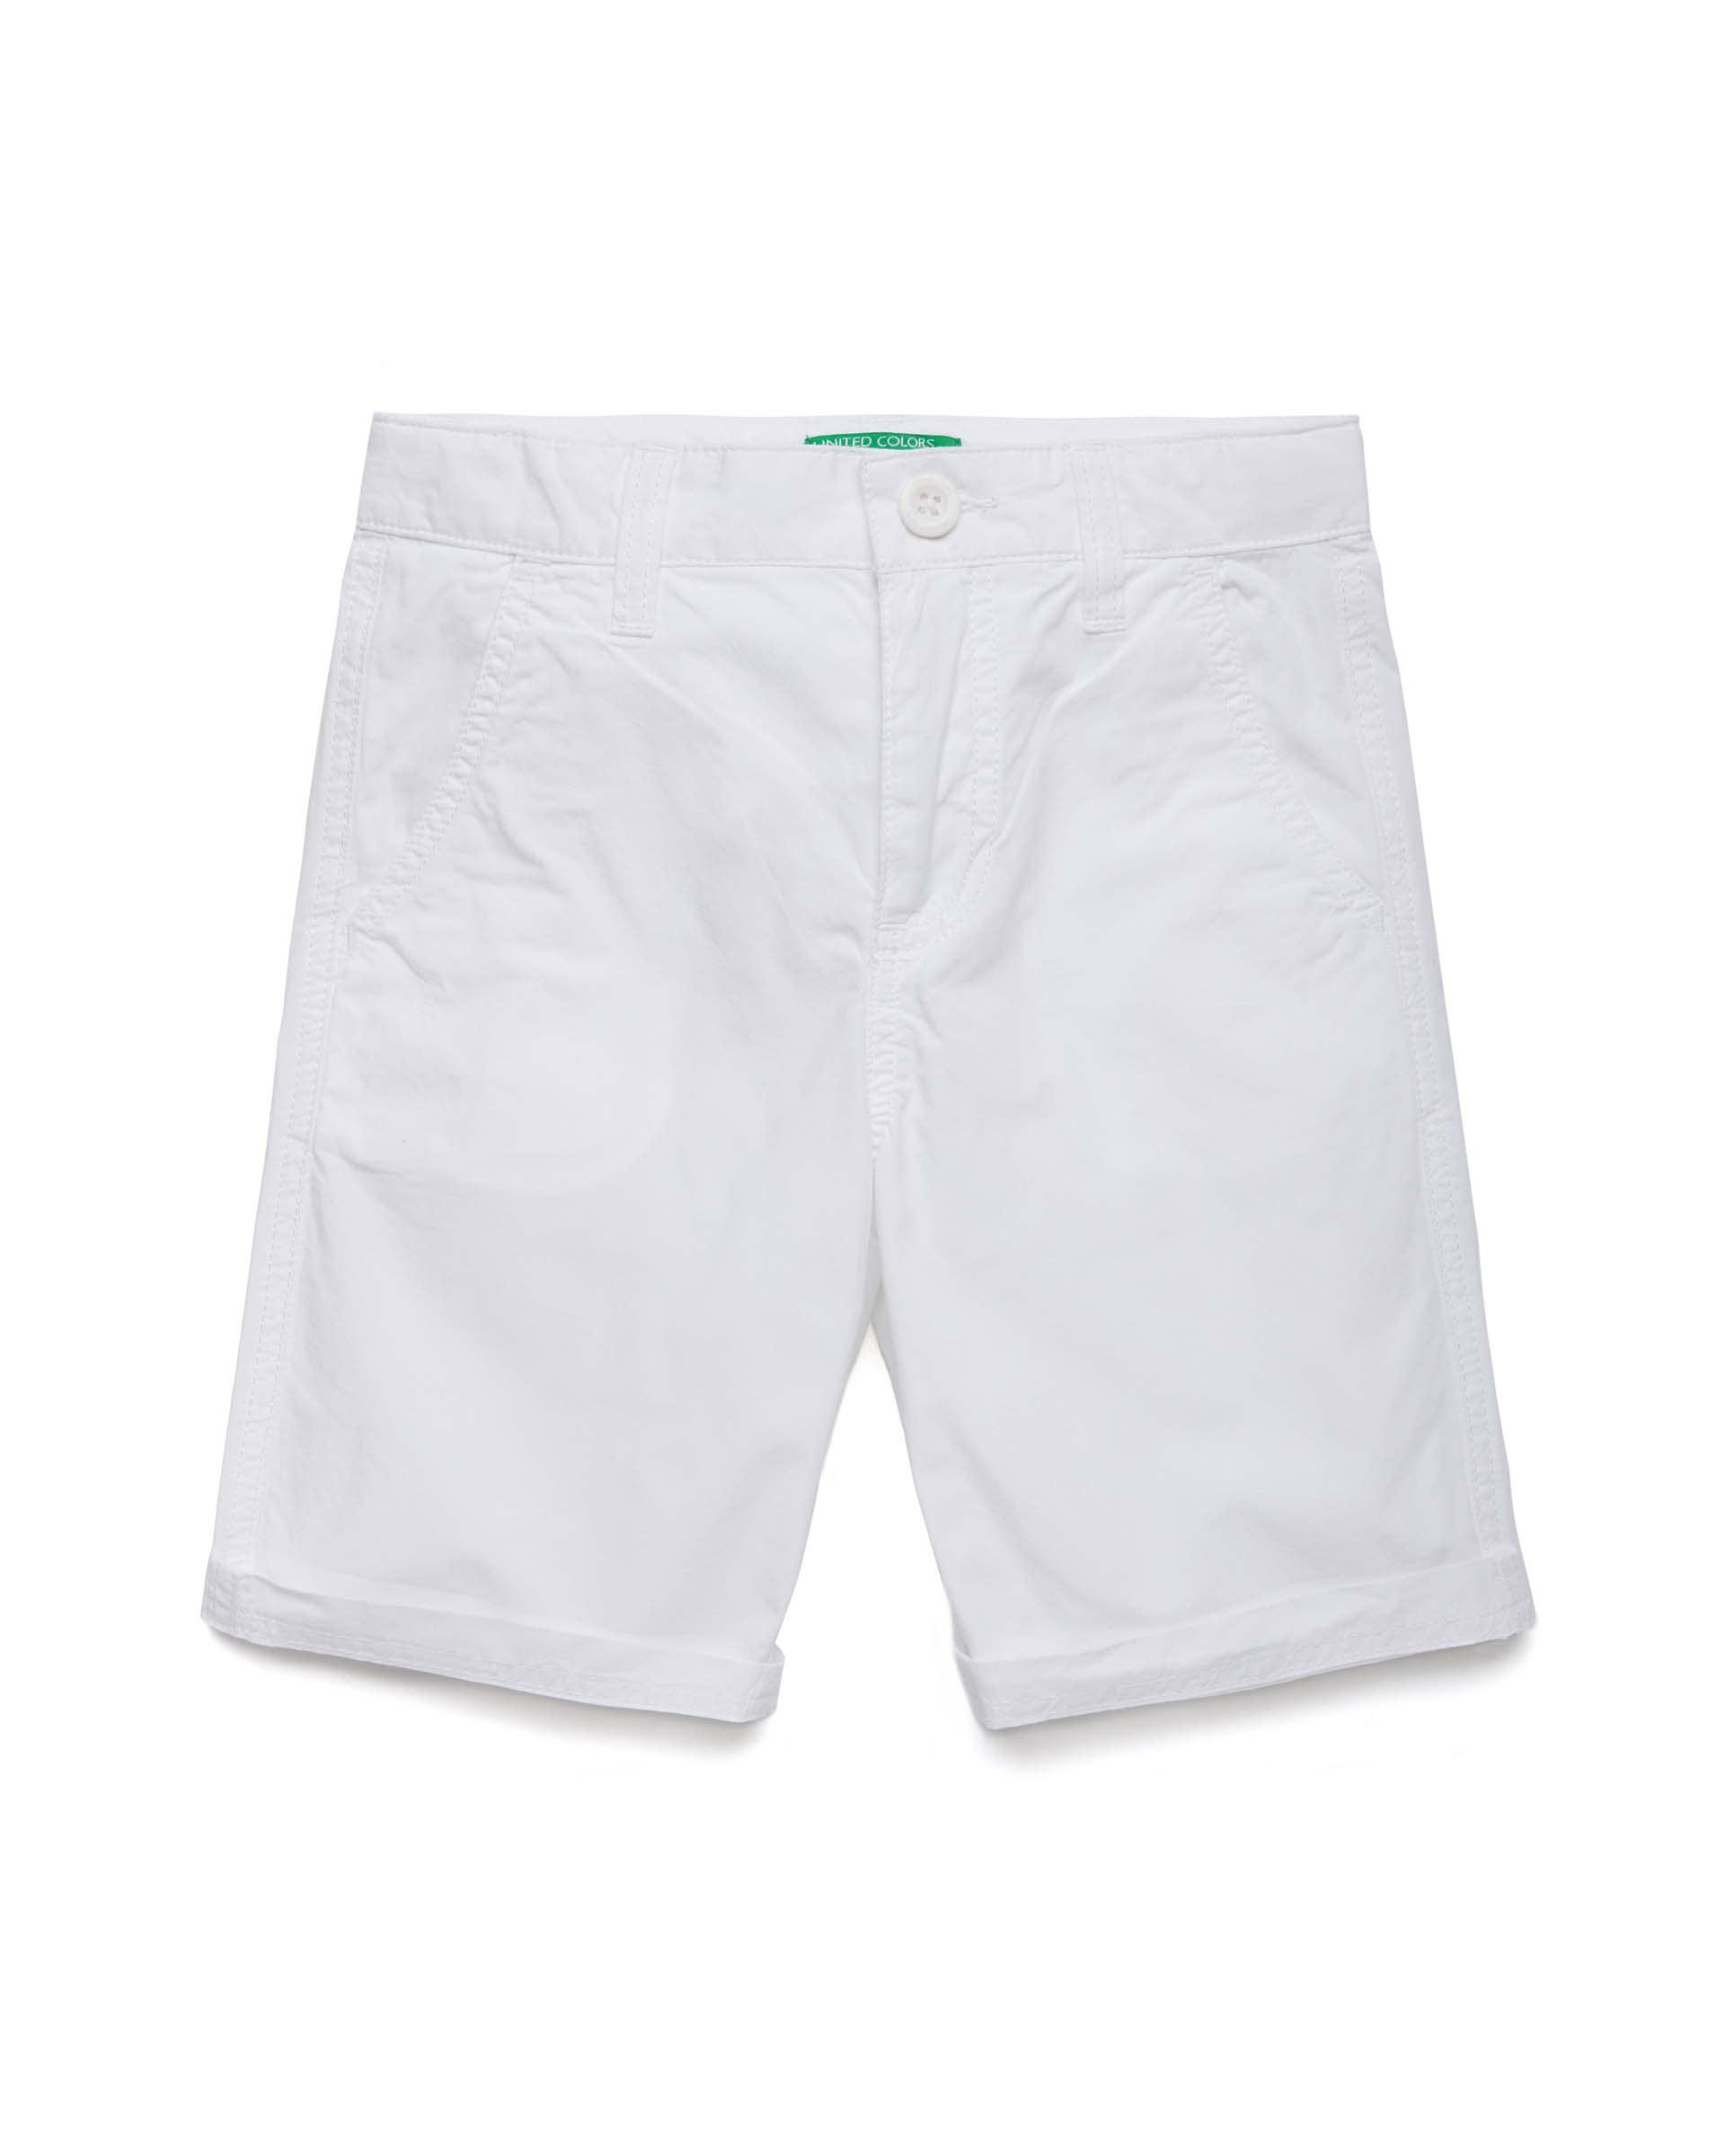 Купить 20P_4AC759270_101, Шорты для мальчиков Benetton 4AC759270_101 р-р 170, United Colors of Benetton